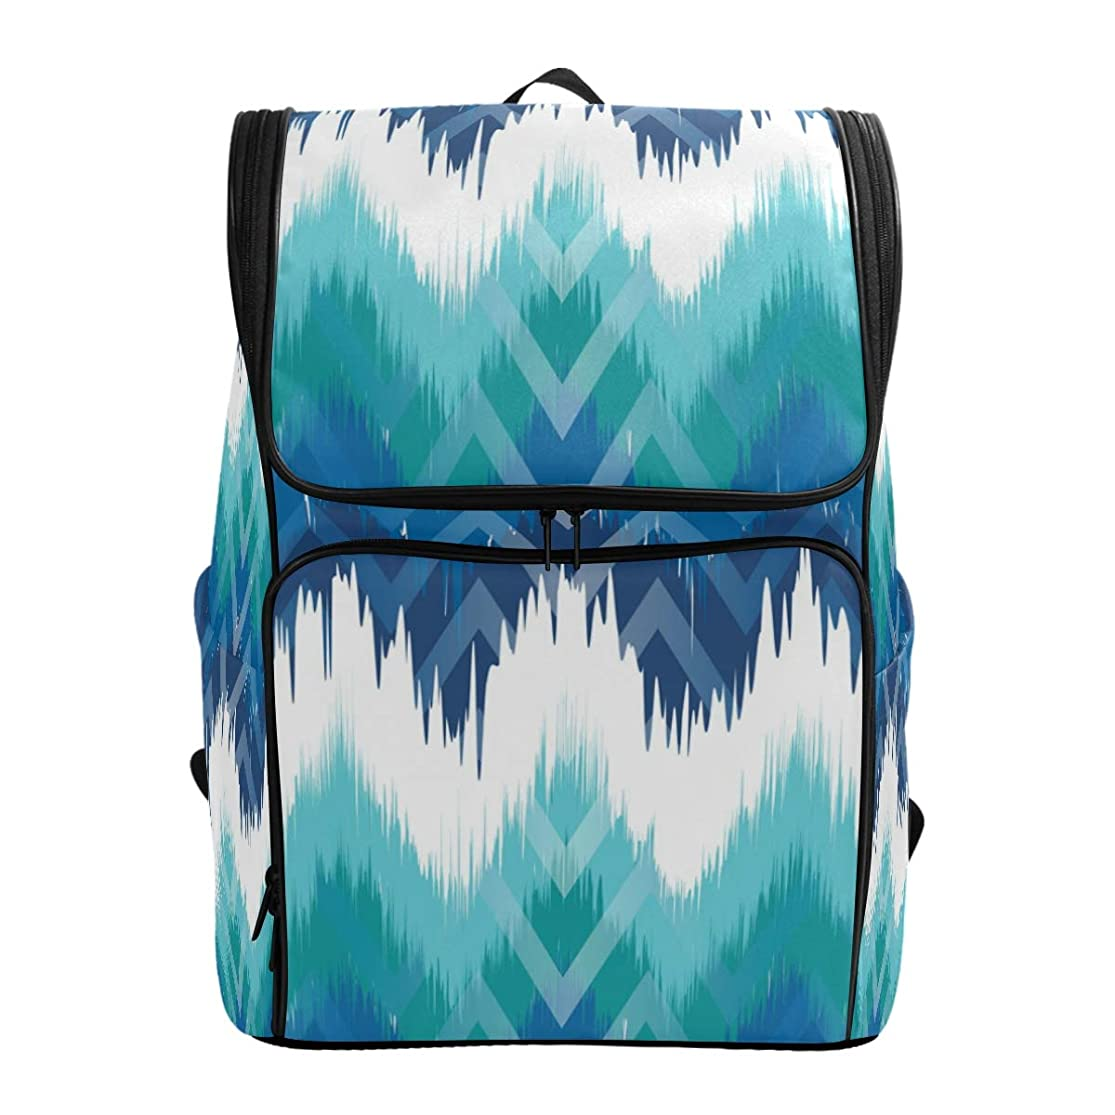 恐ろしい静かに値するマキク(MAKIKU) リュック 大容量 リュックサック 柄 模様 図案 ブルー 軽量 メンズ 登山 通学 通勤 旅行 プレゼント対応